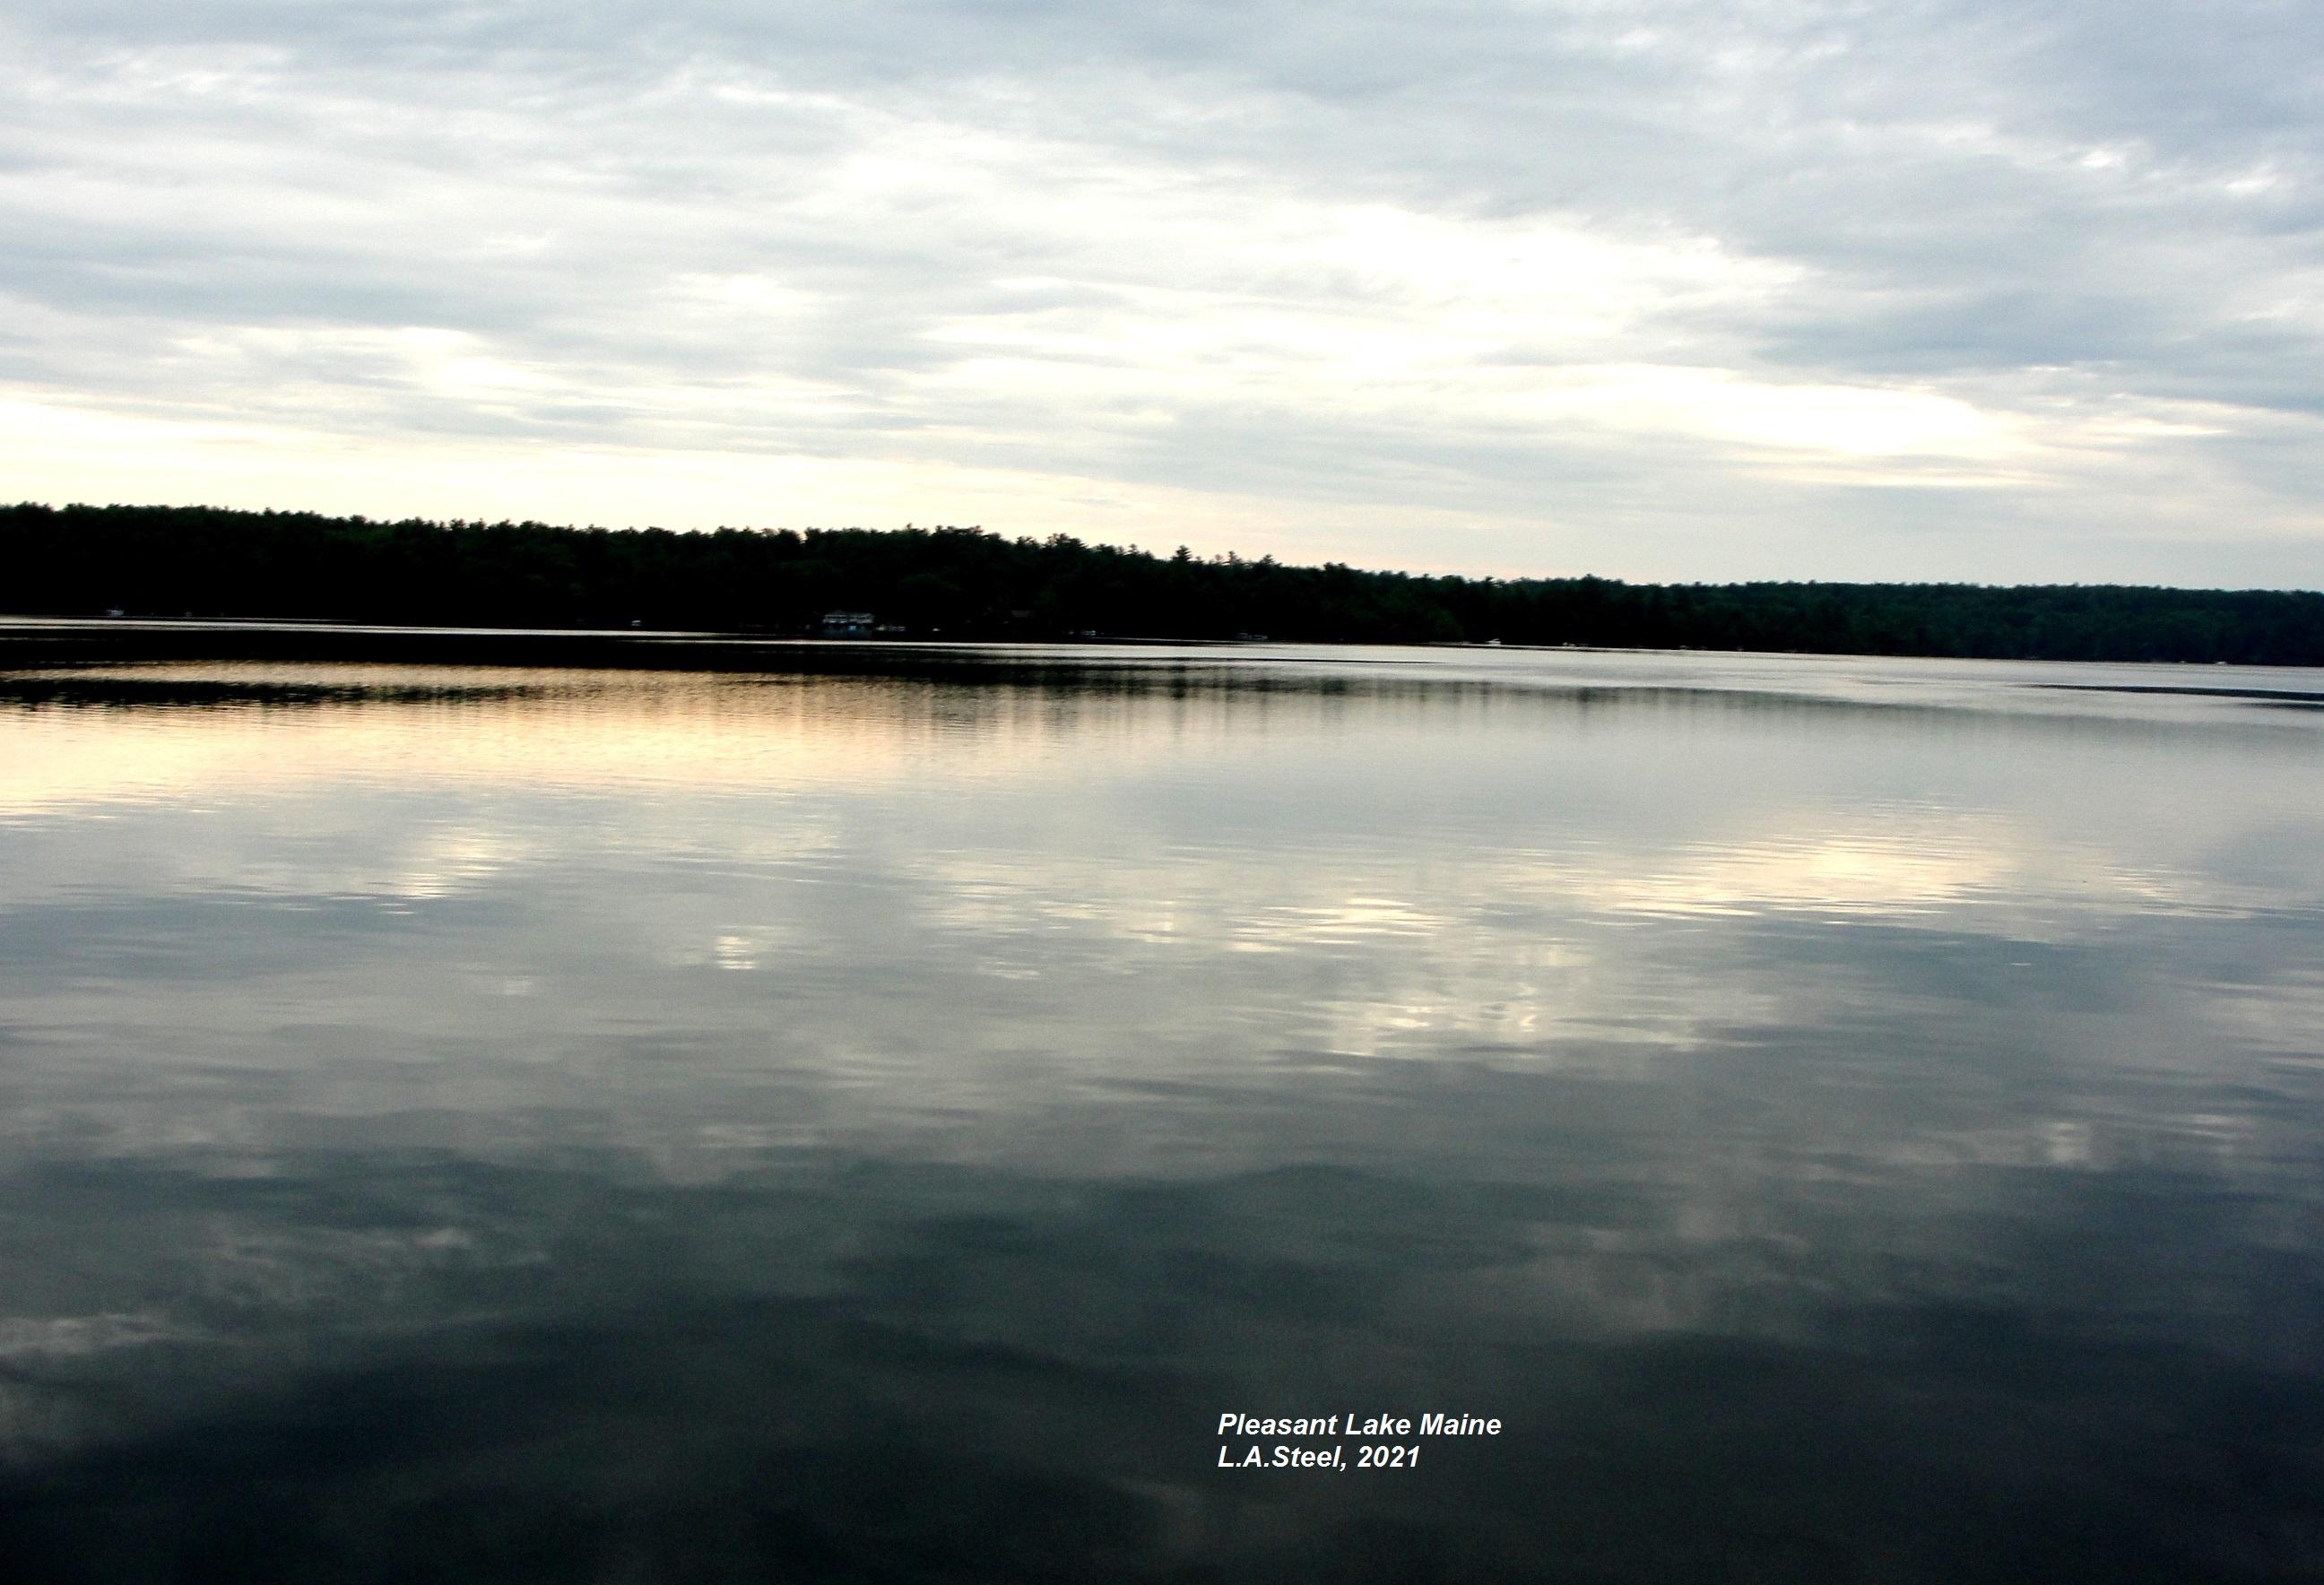 pleasant lake maine 2021